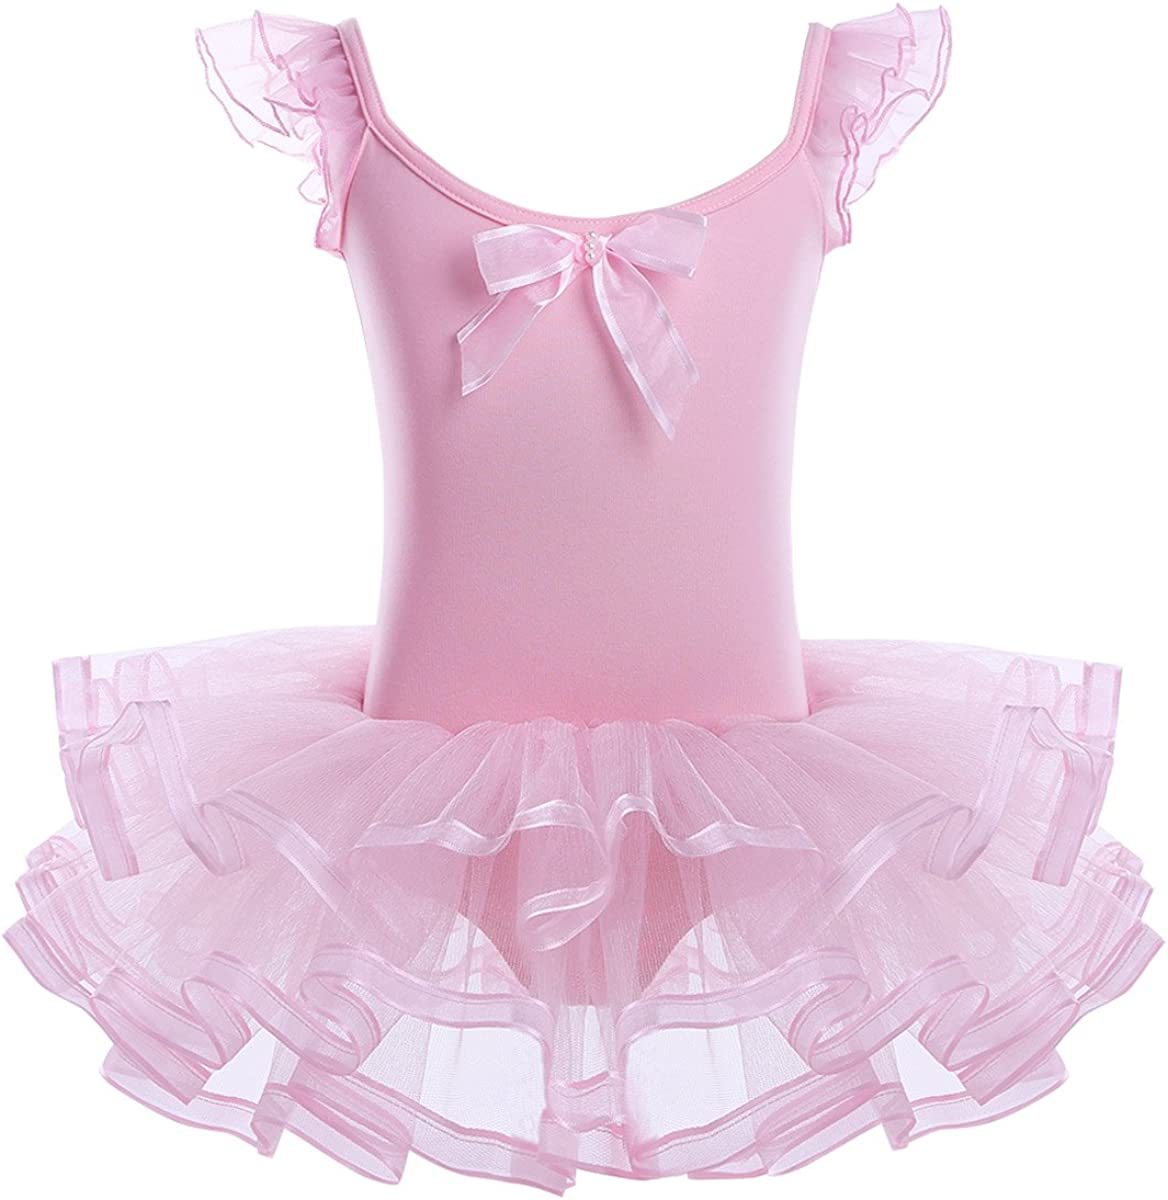 iEFiEL Girls Princess Ruffle/Cap Sleeves Ballet Dance Gymnastics Tutu Leotard Dress Ballerina Dancewear